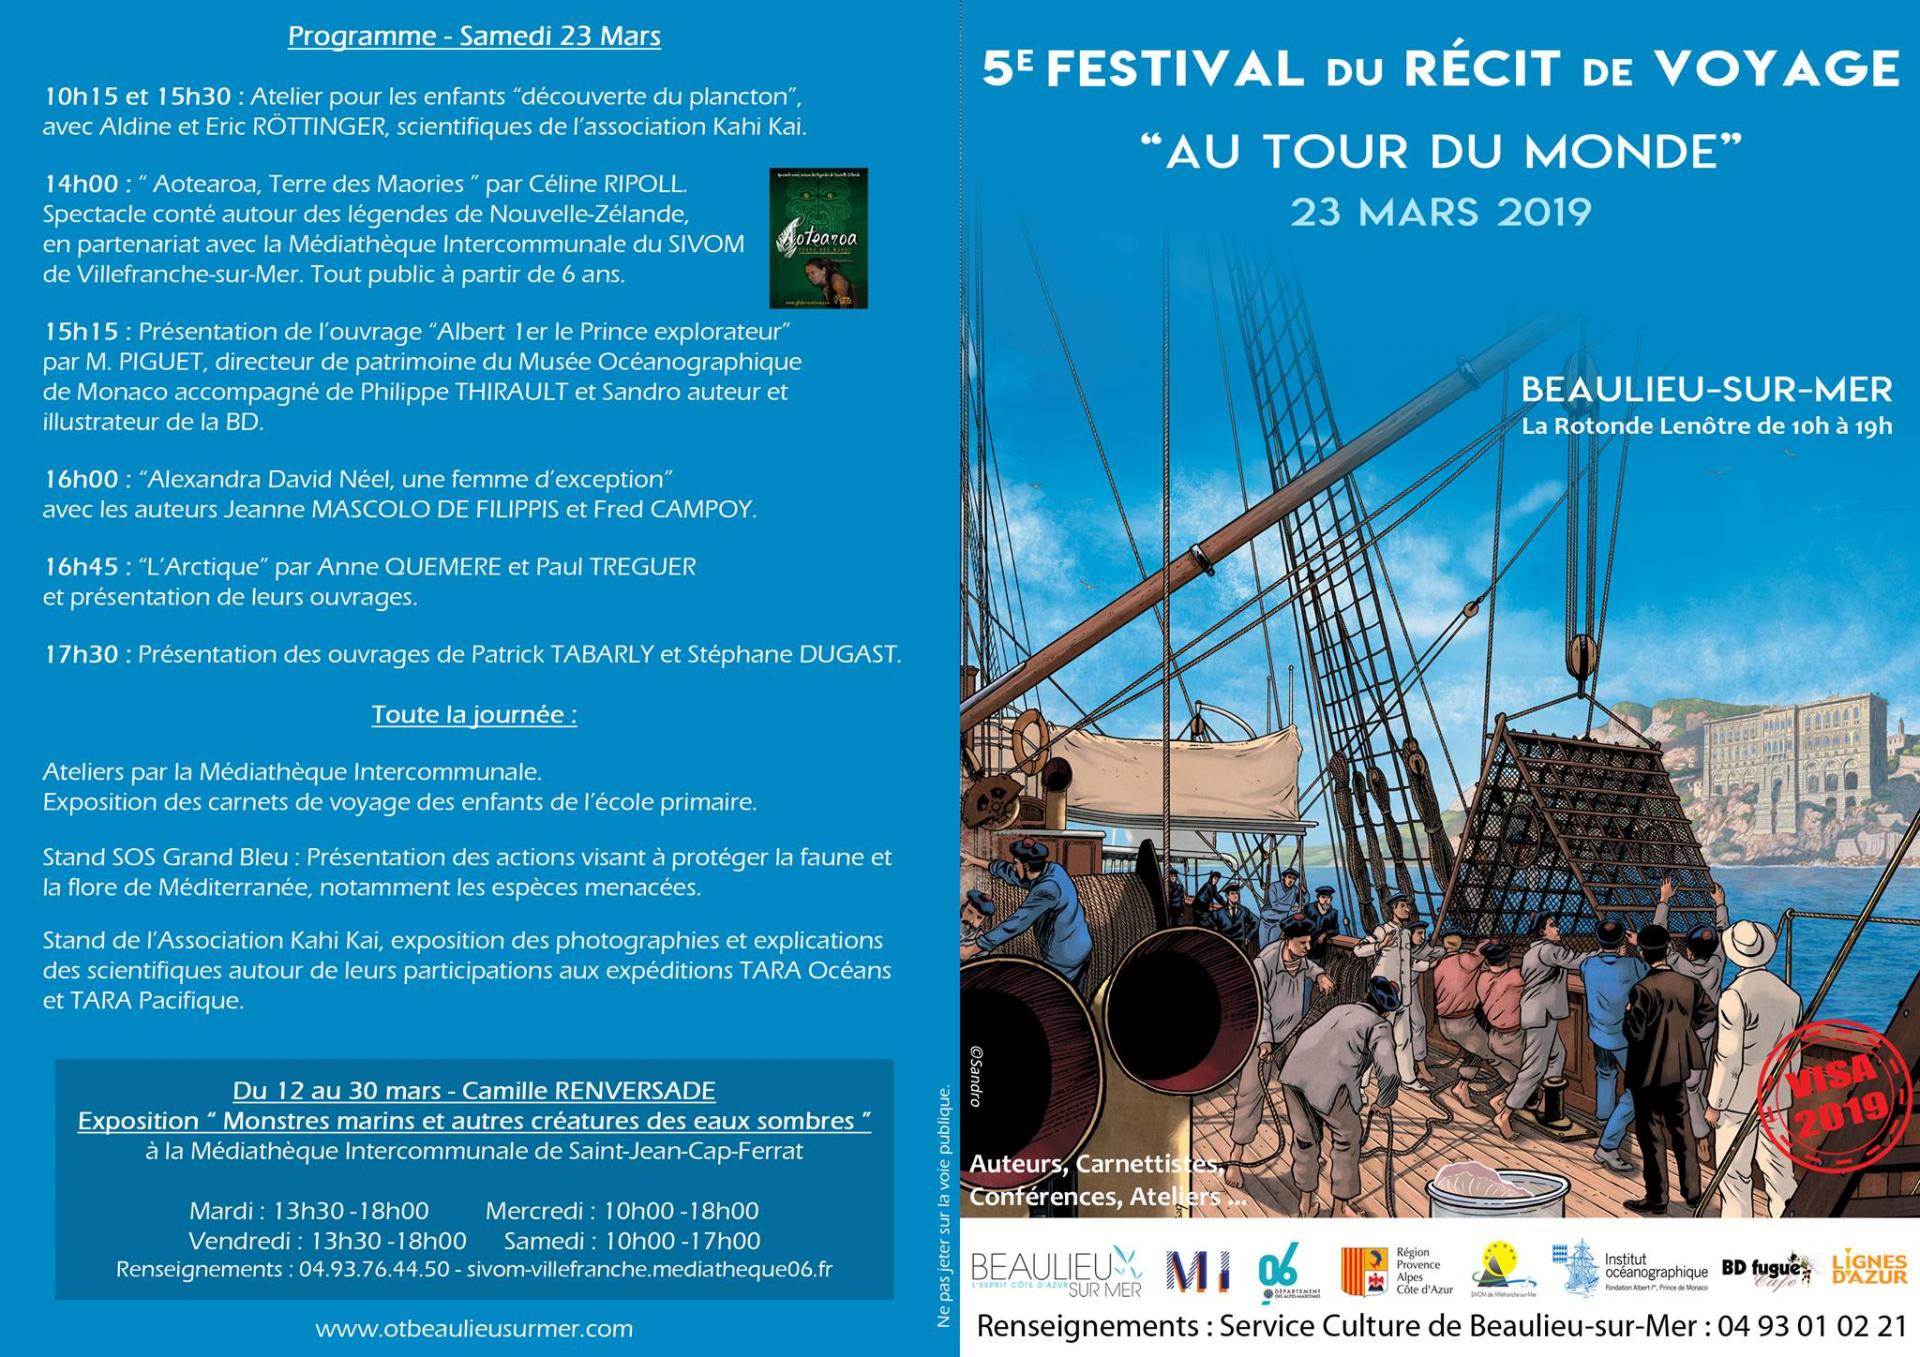 Festival du Récit de Voyage Beaulieu sur Mer